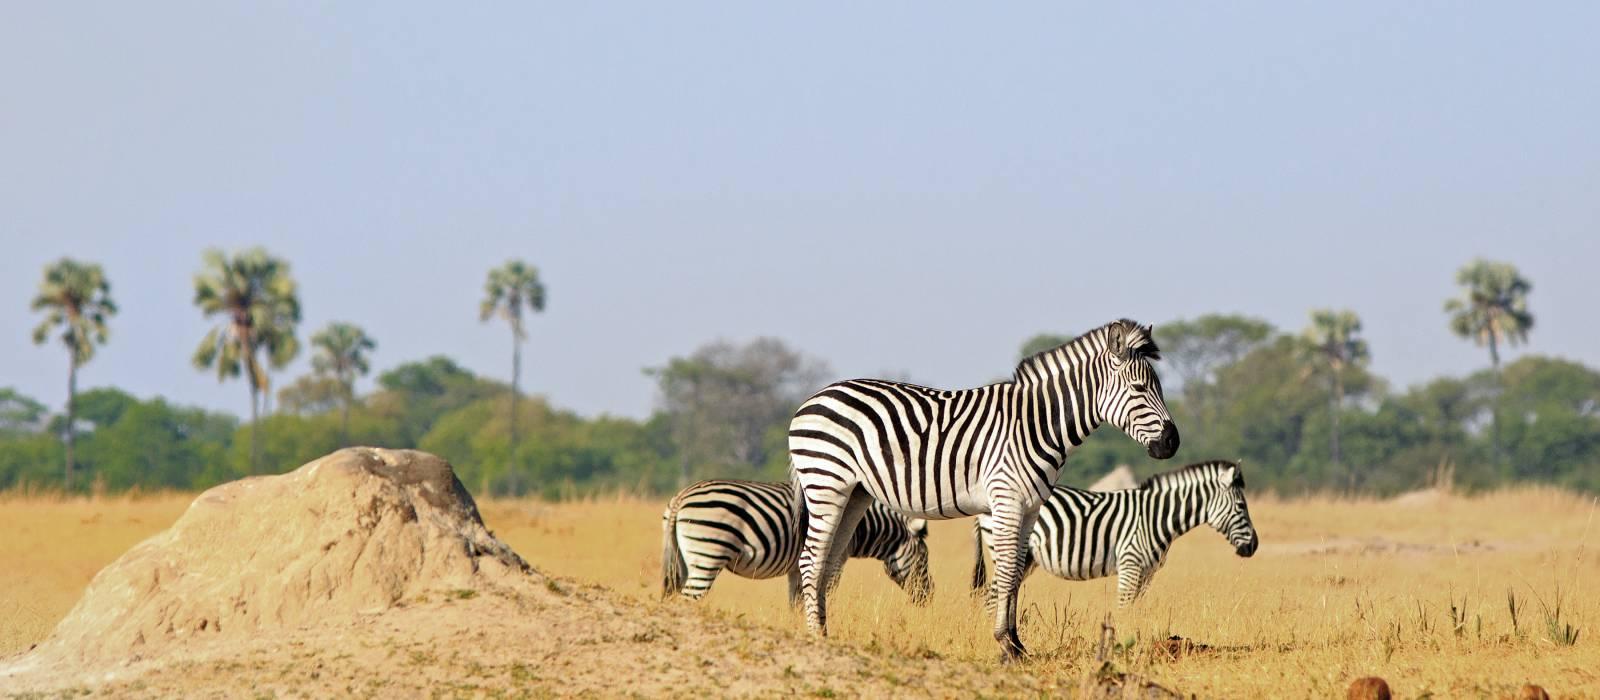 Zebra ,Hwange National Park, Zimbabwe